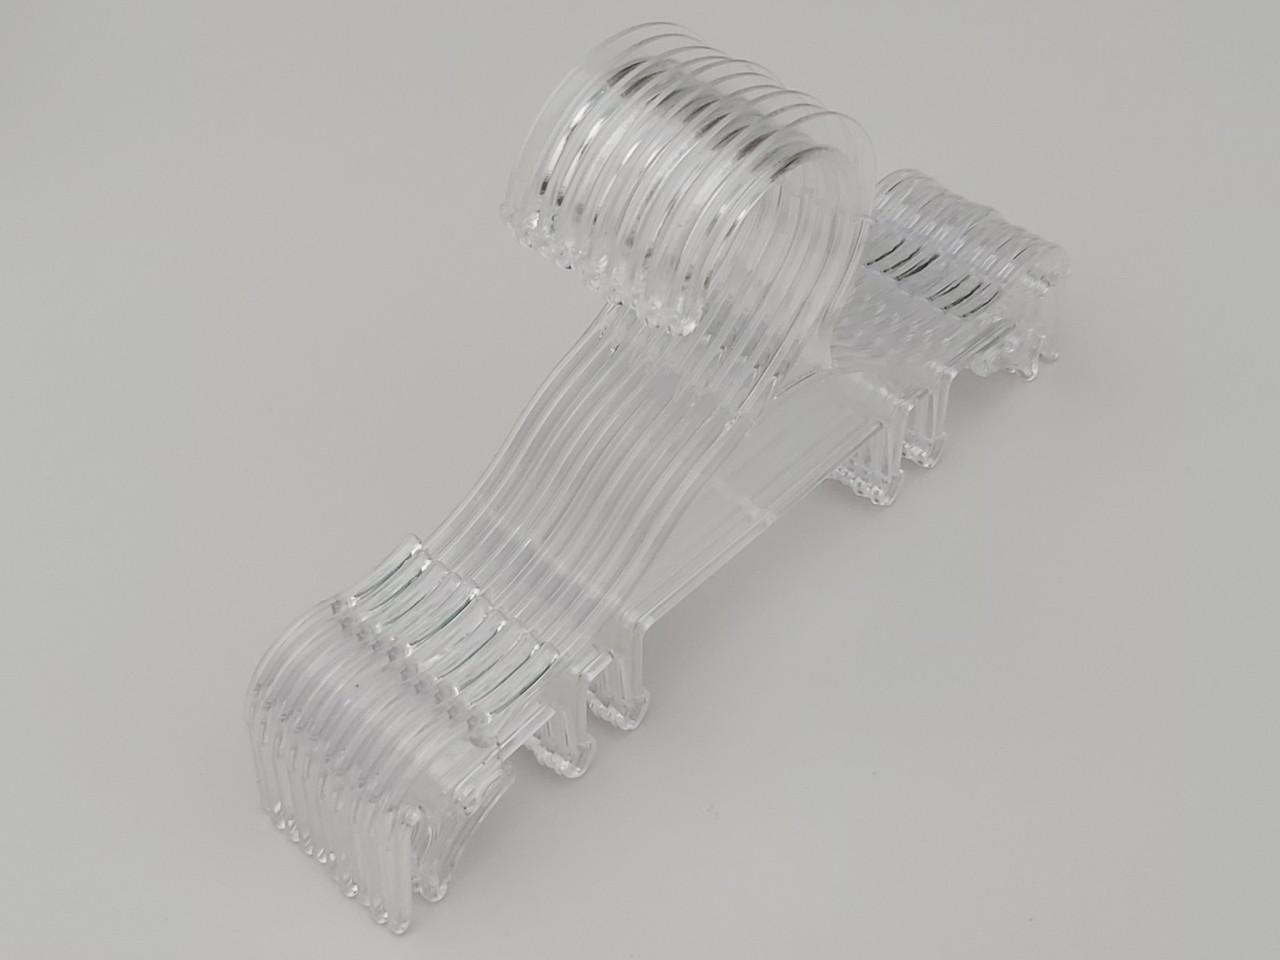 Плечики вешалки пластмассовые для нижнего белья   V-NY18 прозрачного цвета, длина 18,5 см, 10 штук в упаковке